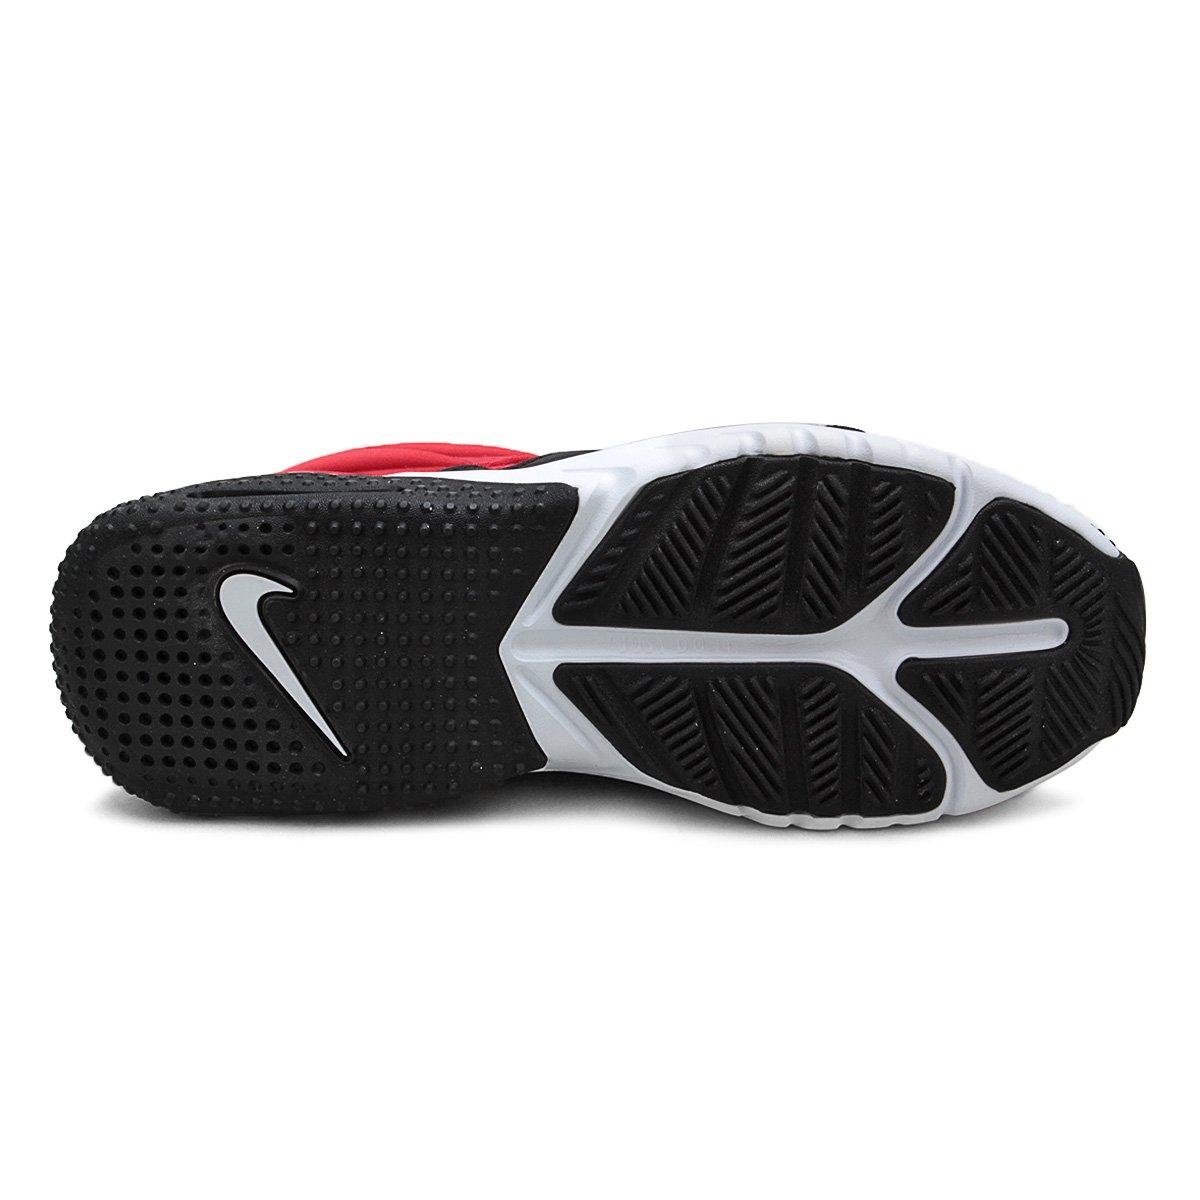 b6937ff7f3 Tênis Nike Air Max Trainer 1 Masculino - Compre Agora